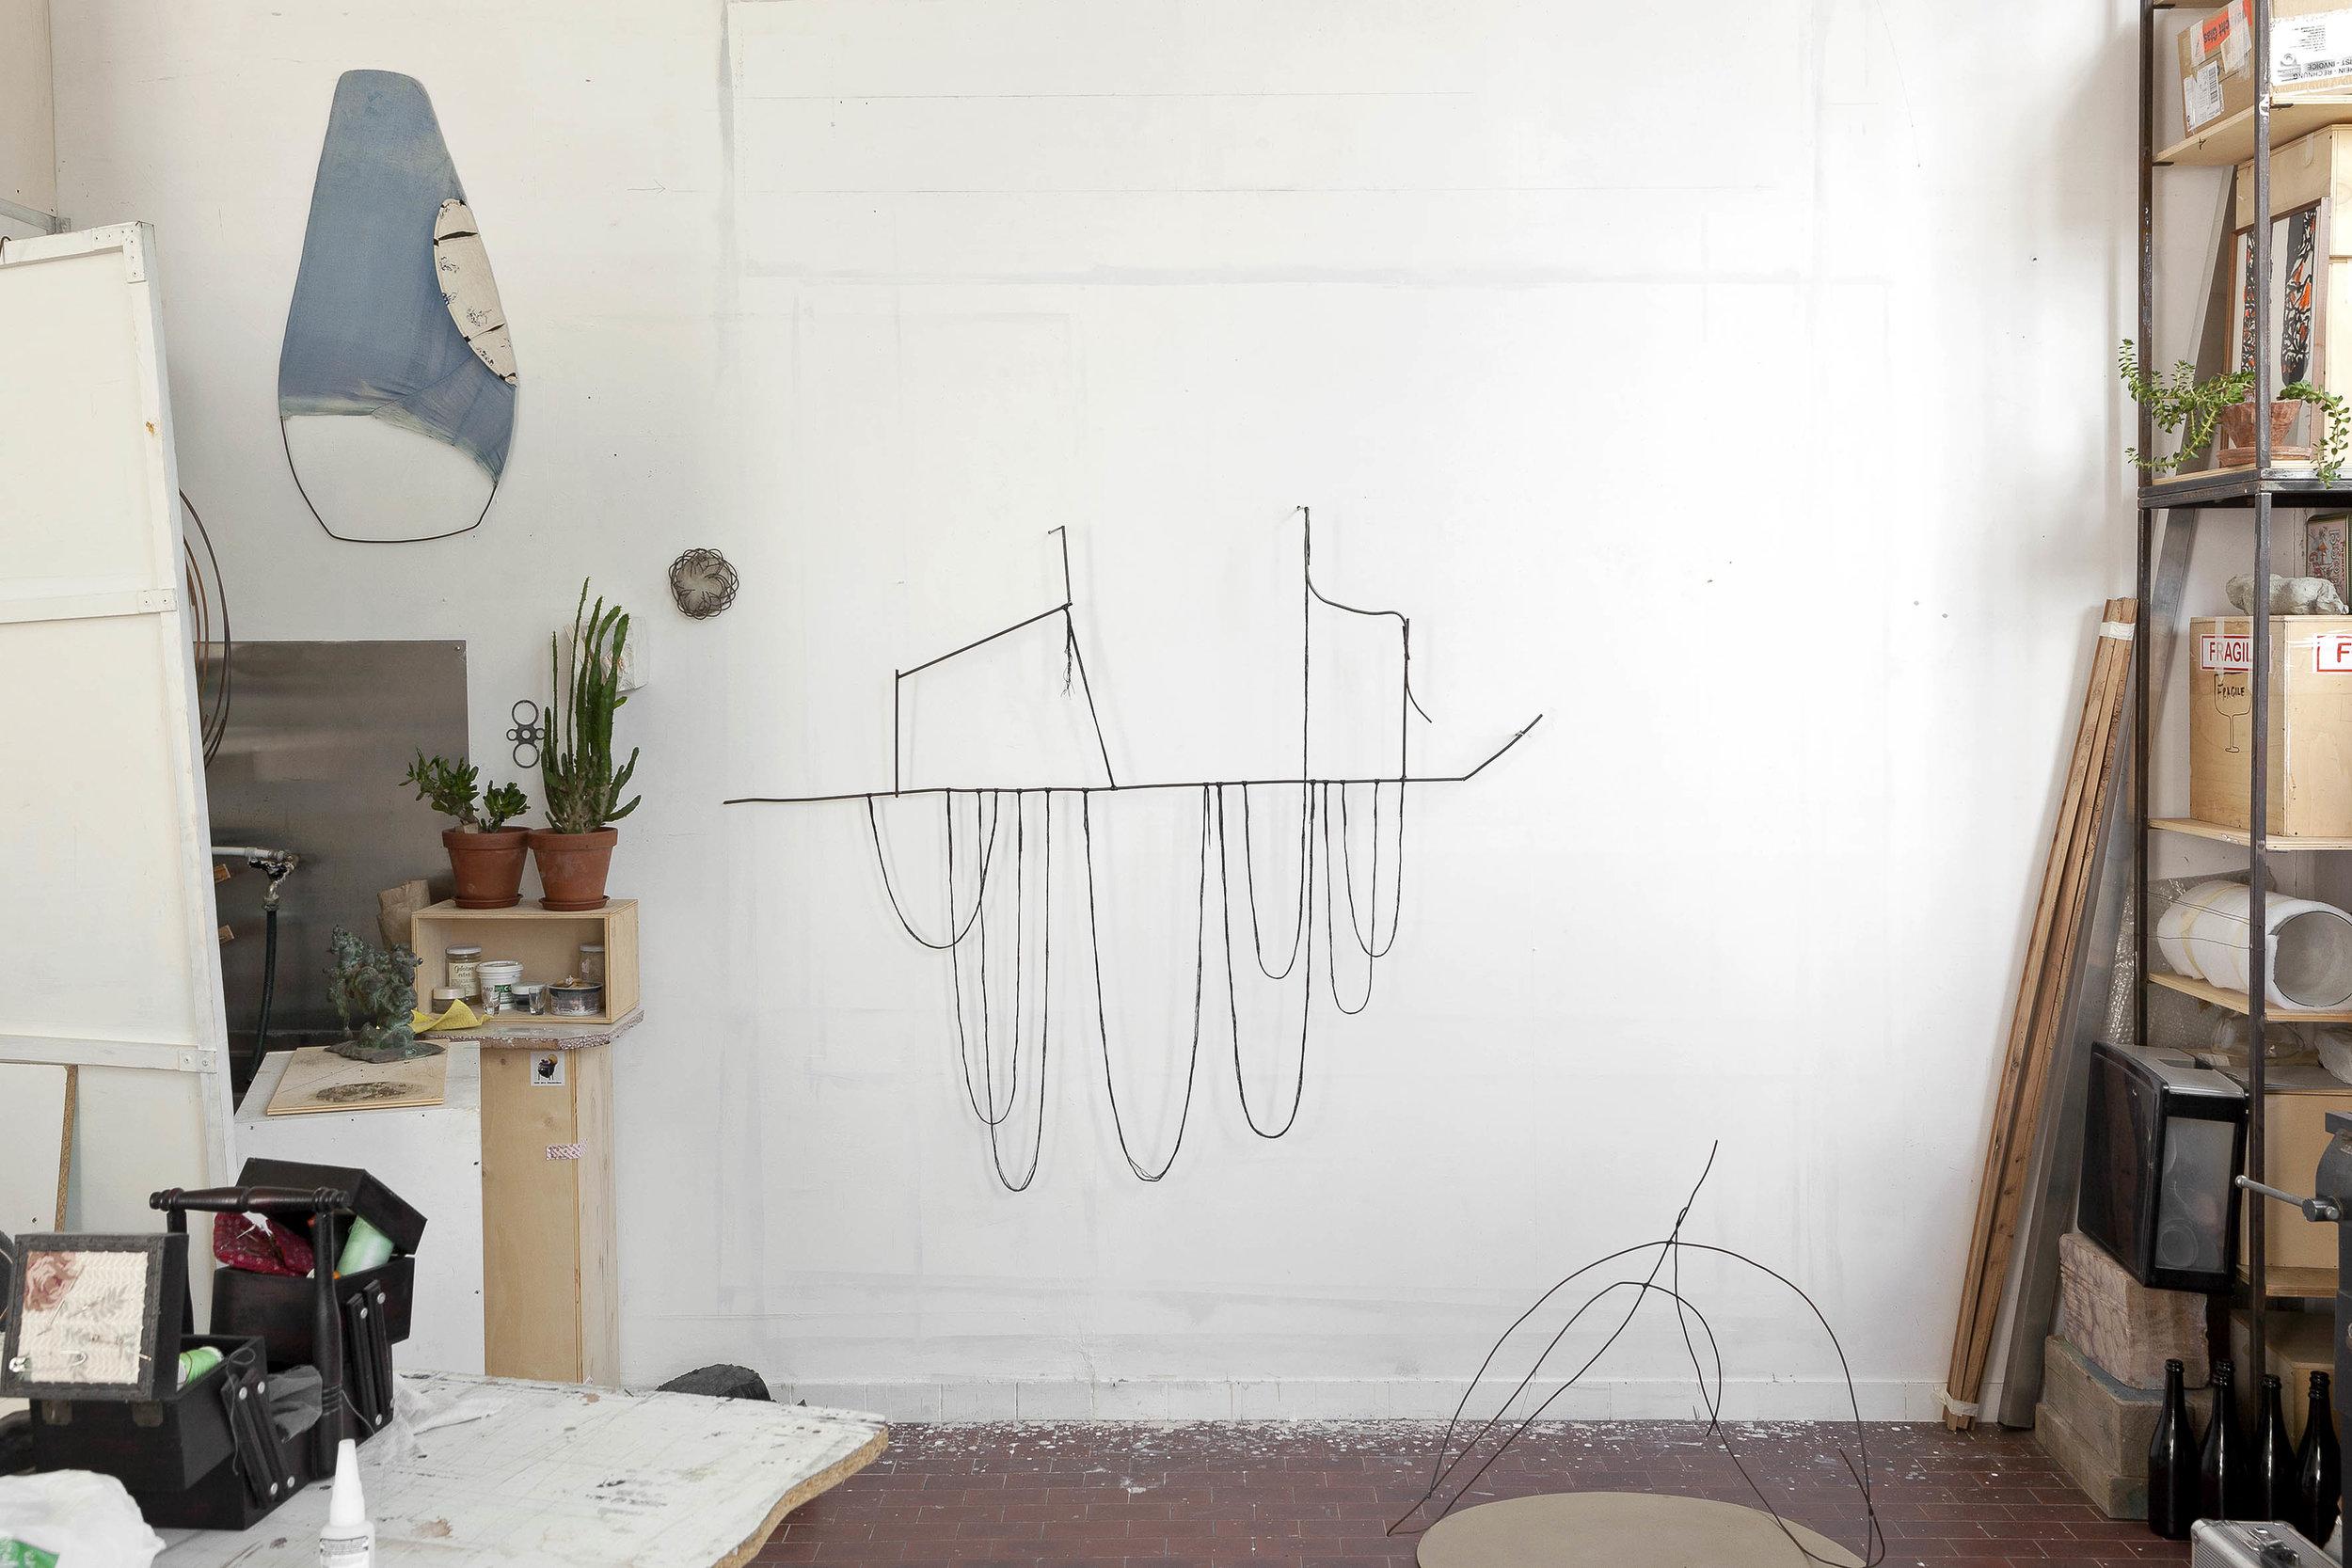 All'ancora di un corrimano  2016 - Tondino di ferro e fili di cotone - cm 173x130x16